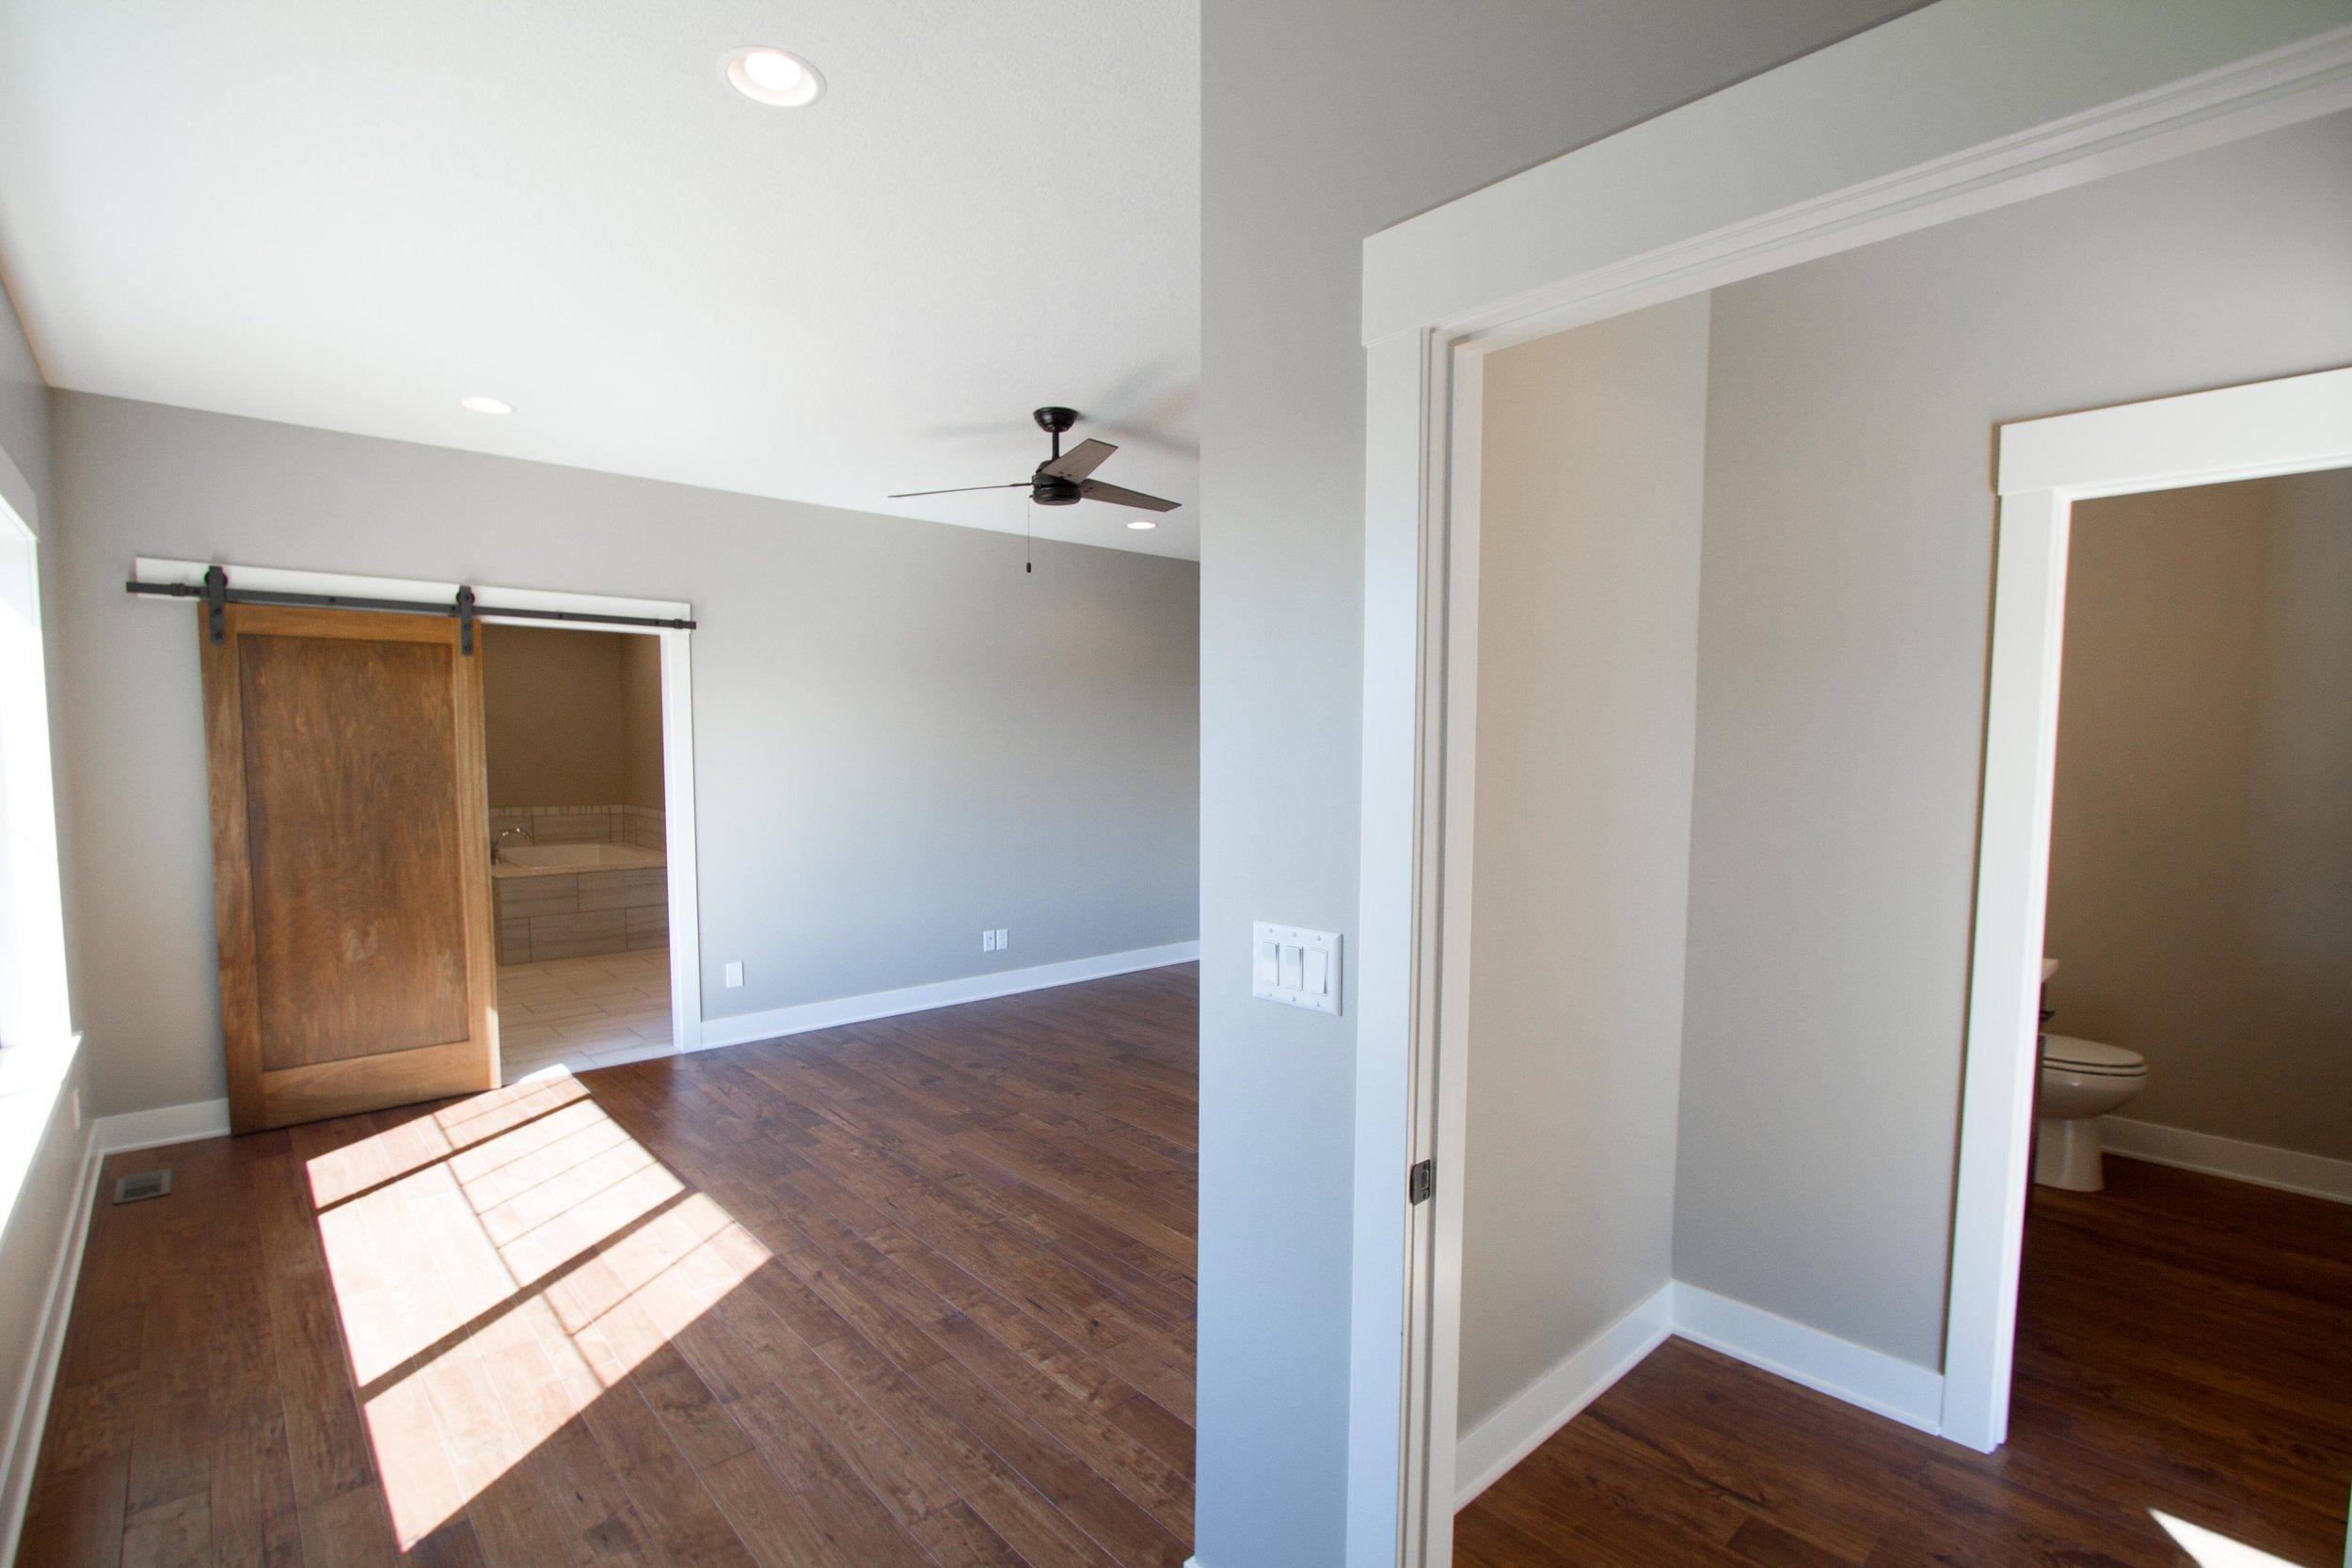 Next_Step_Homes-Bedroom_21.jpg